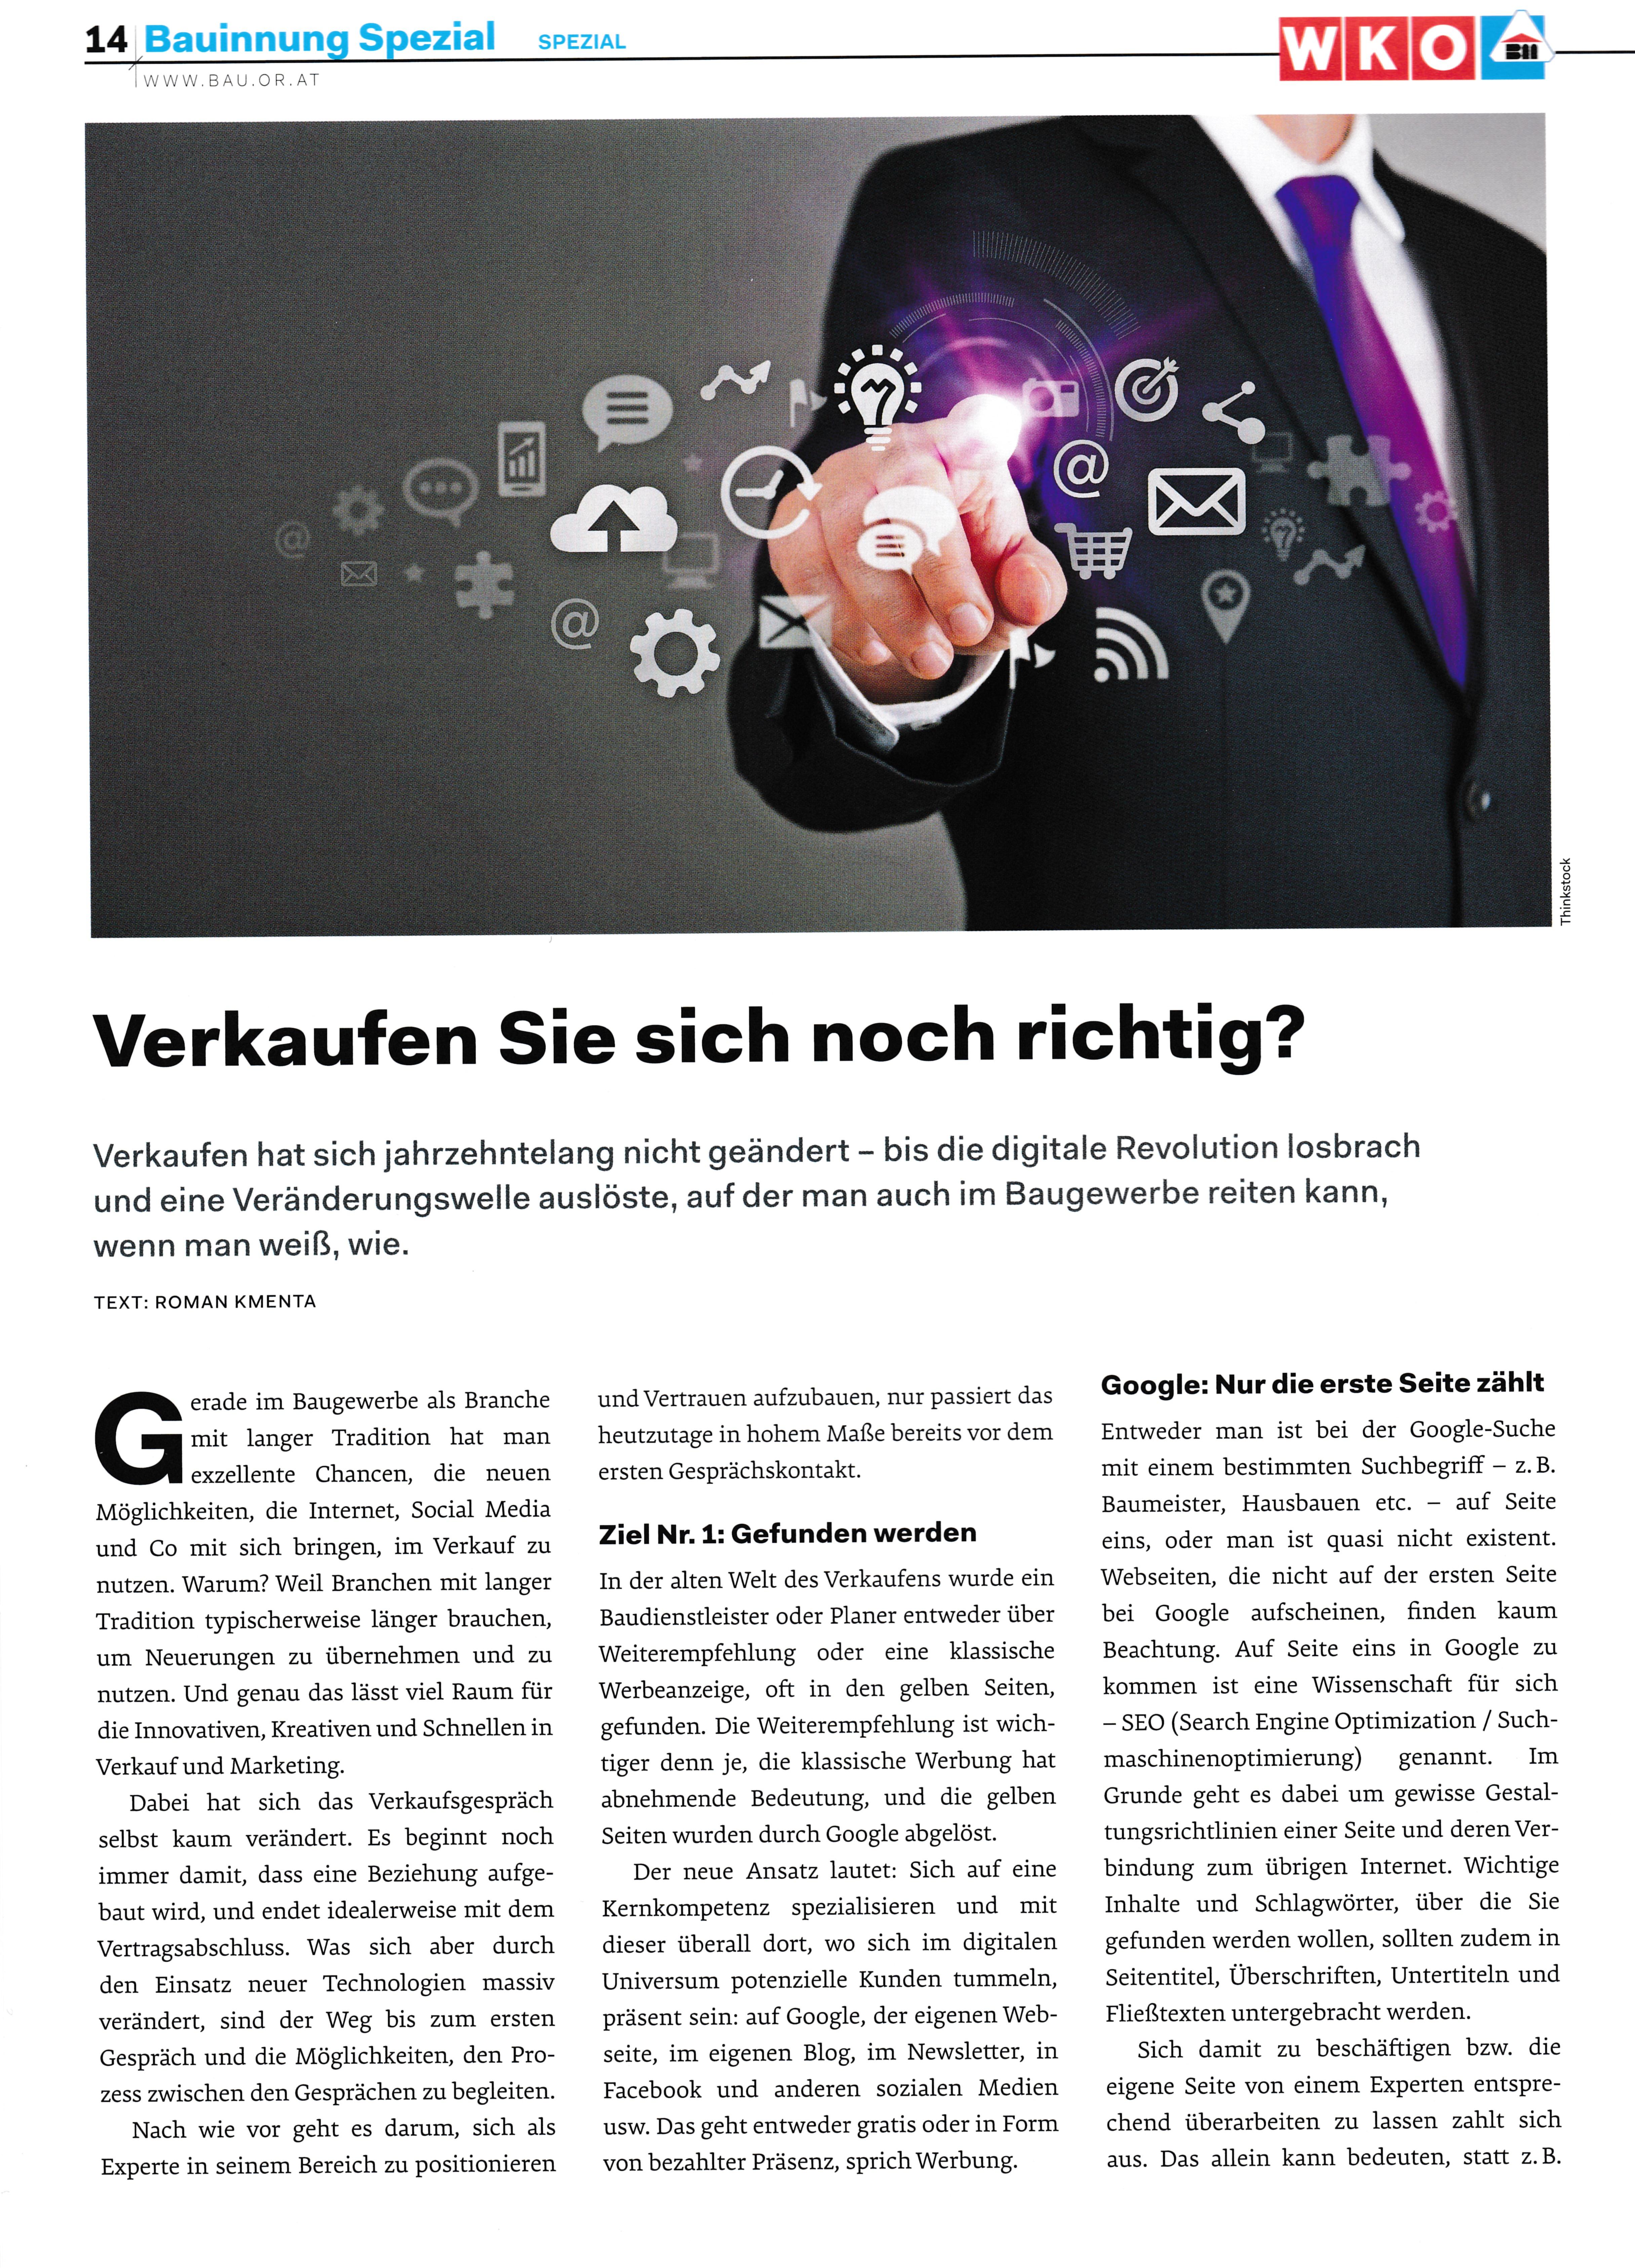 Österreichische Bauzeitung 1 _ 2016 - Roman Kmenta 2 - Autor und Keynote Speaker